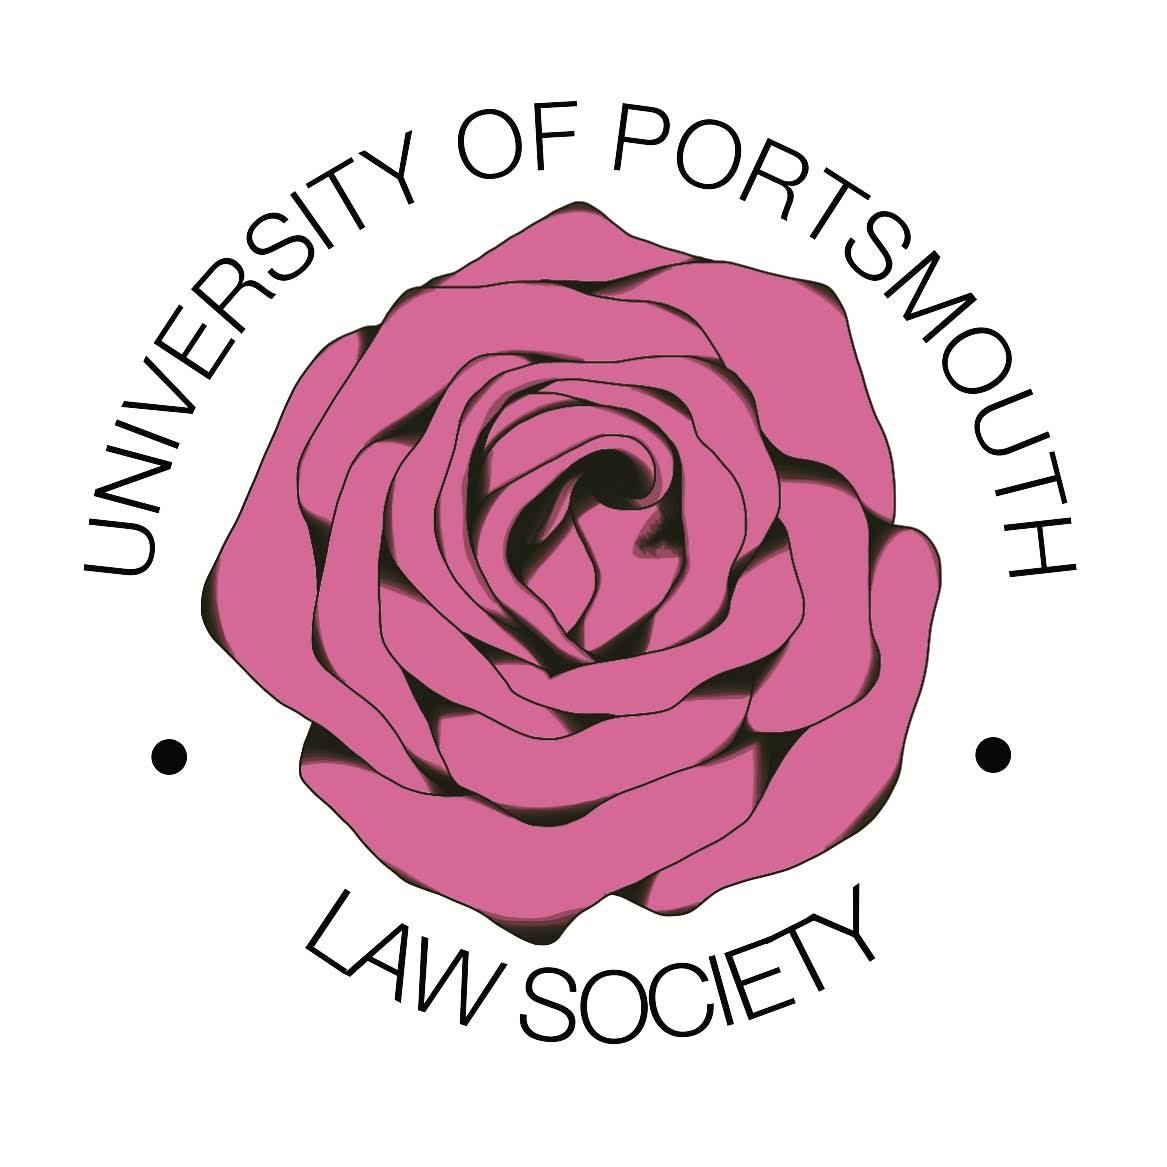 University of Portsmouth Law Society